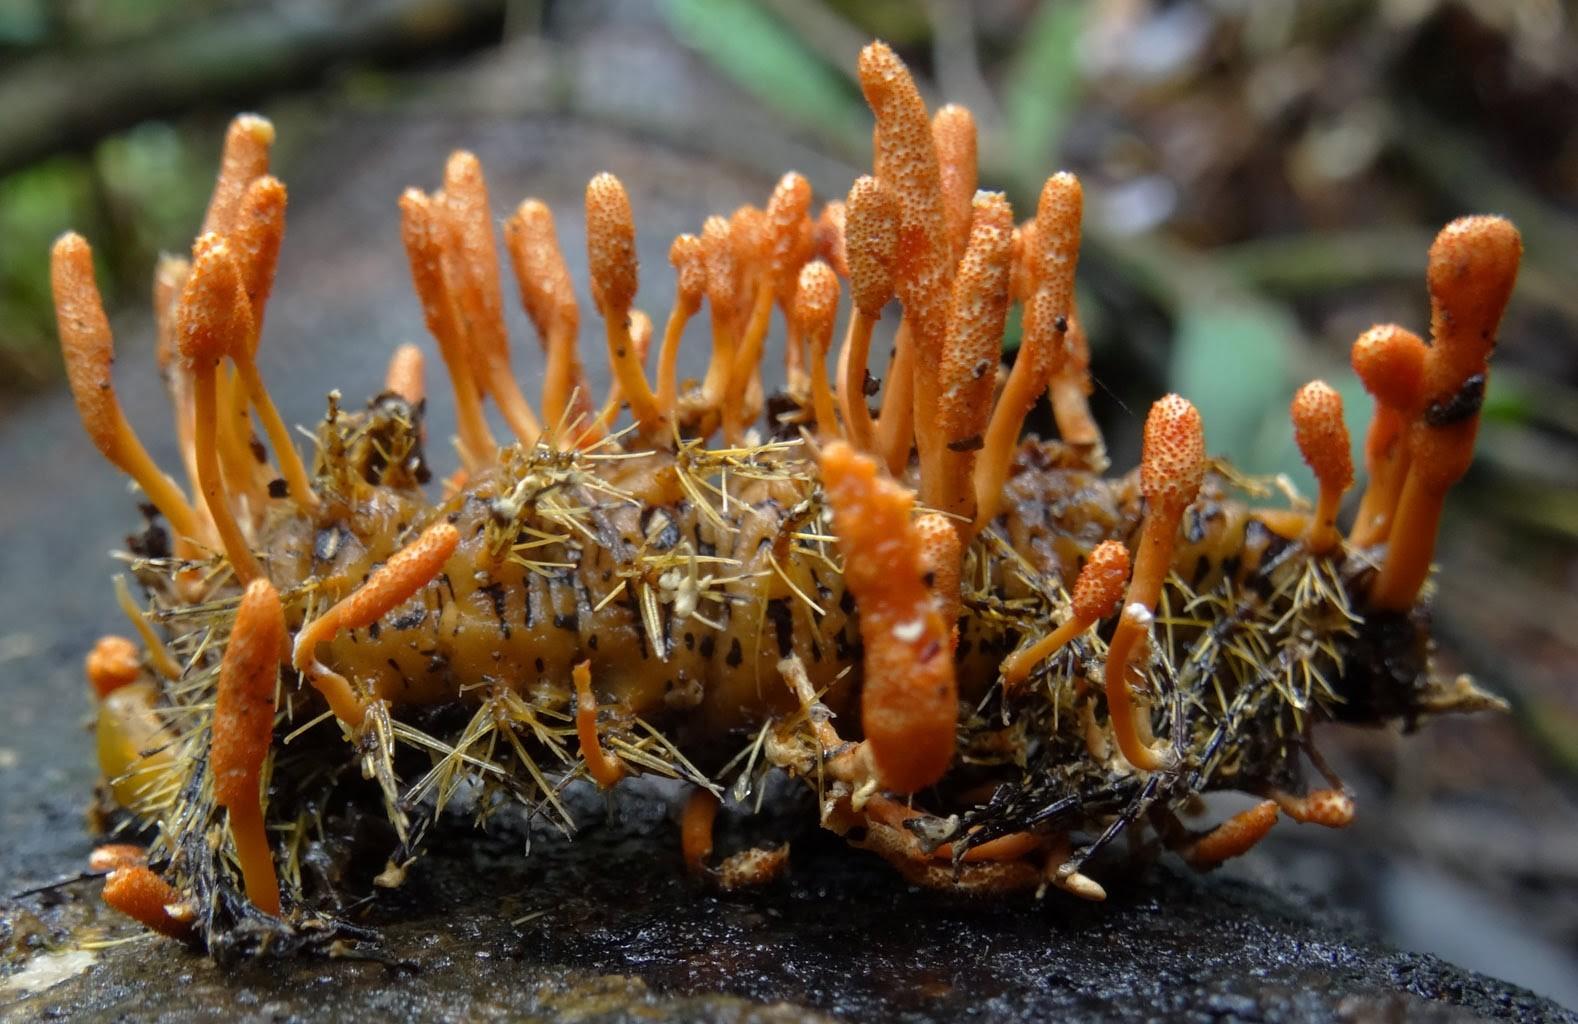 Đông trùng hạ thảo được coi là vị thuốc hiếm